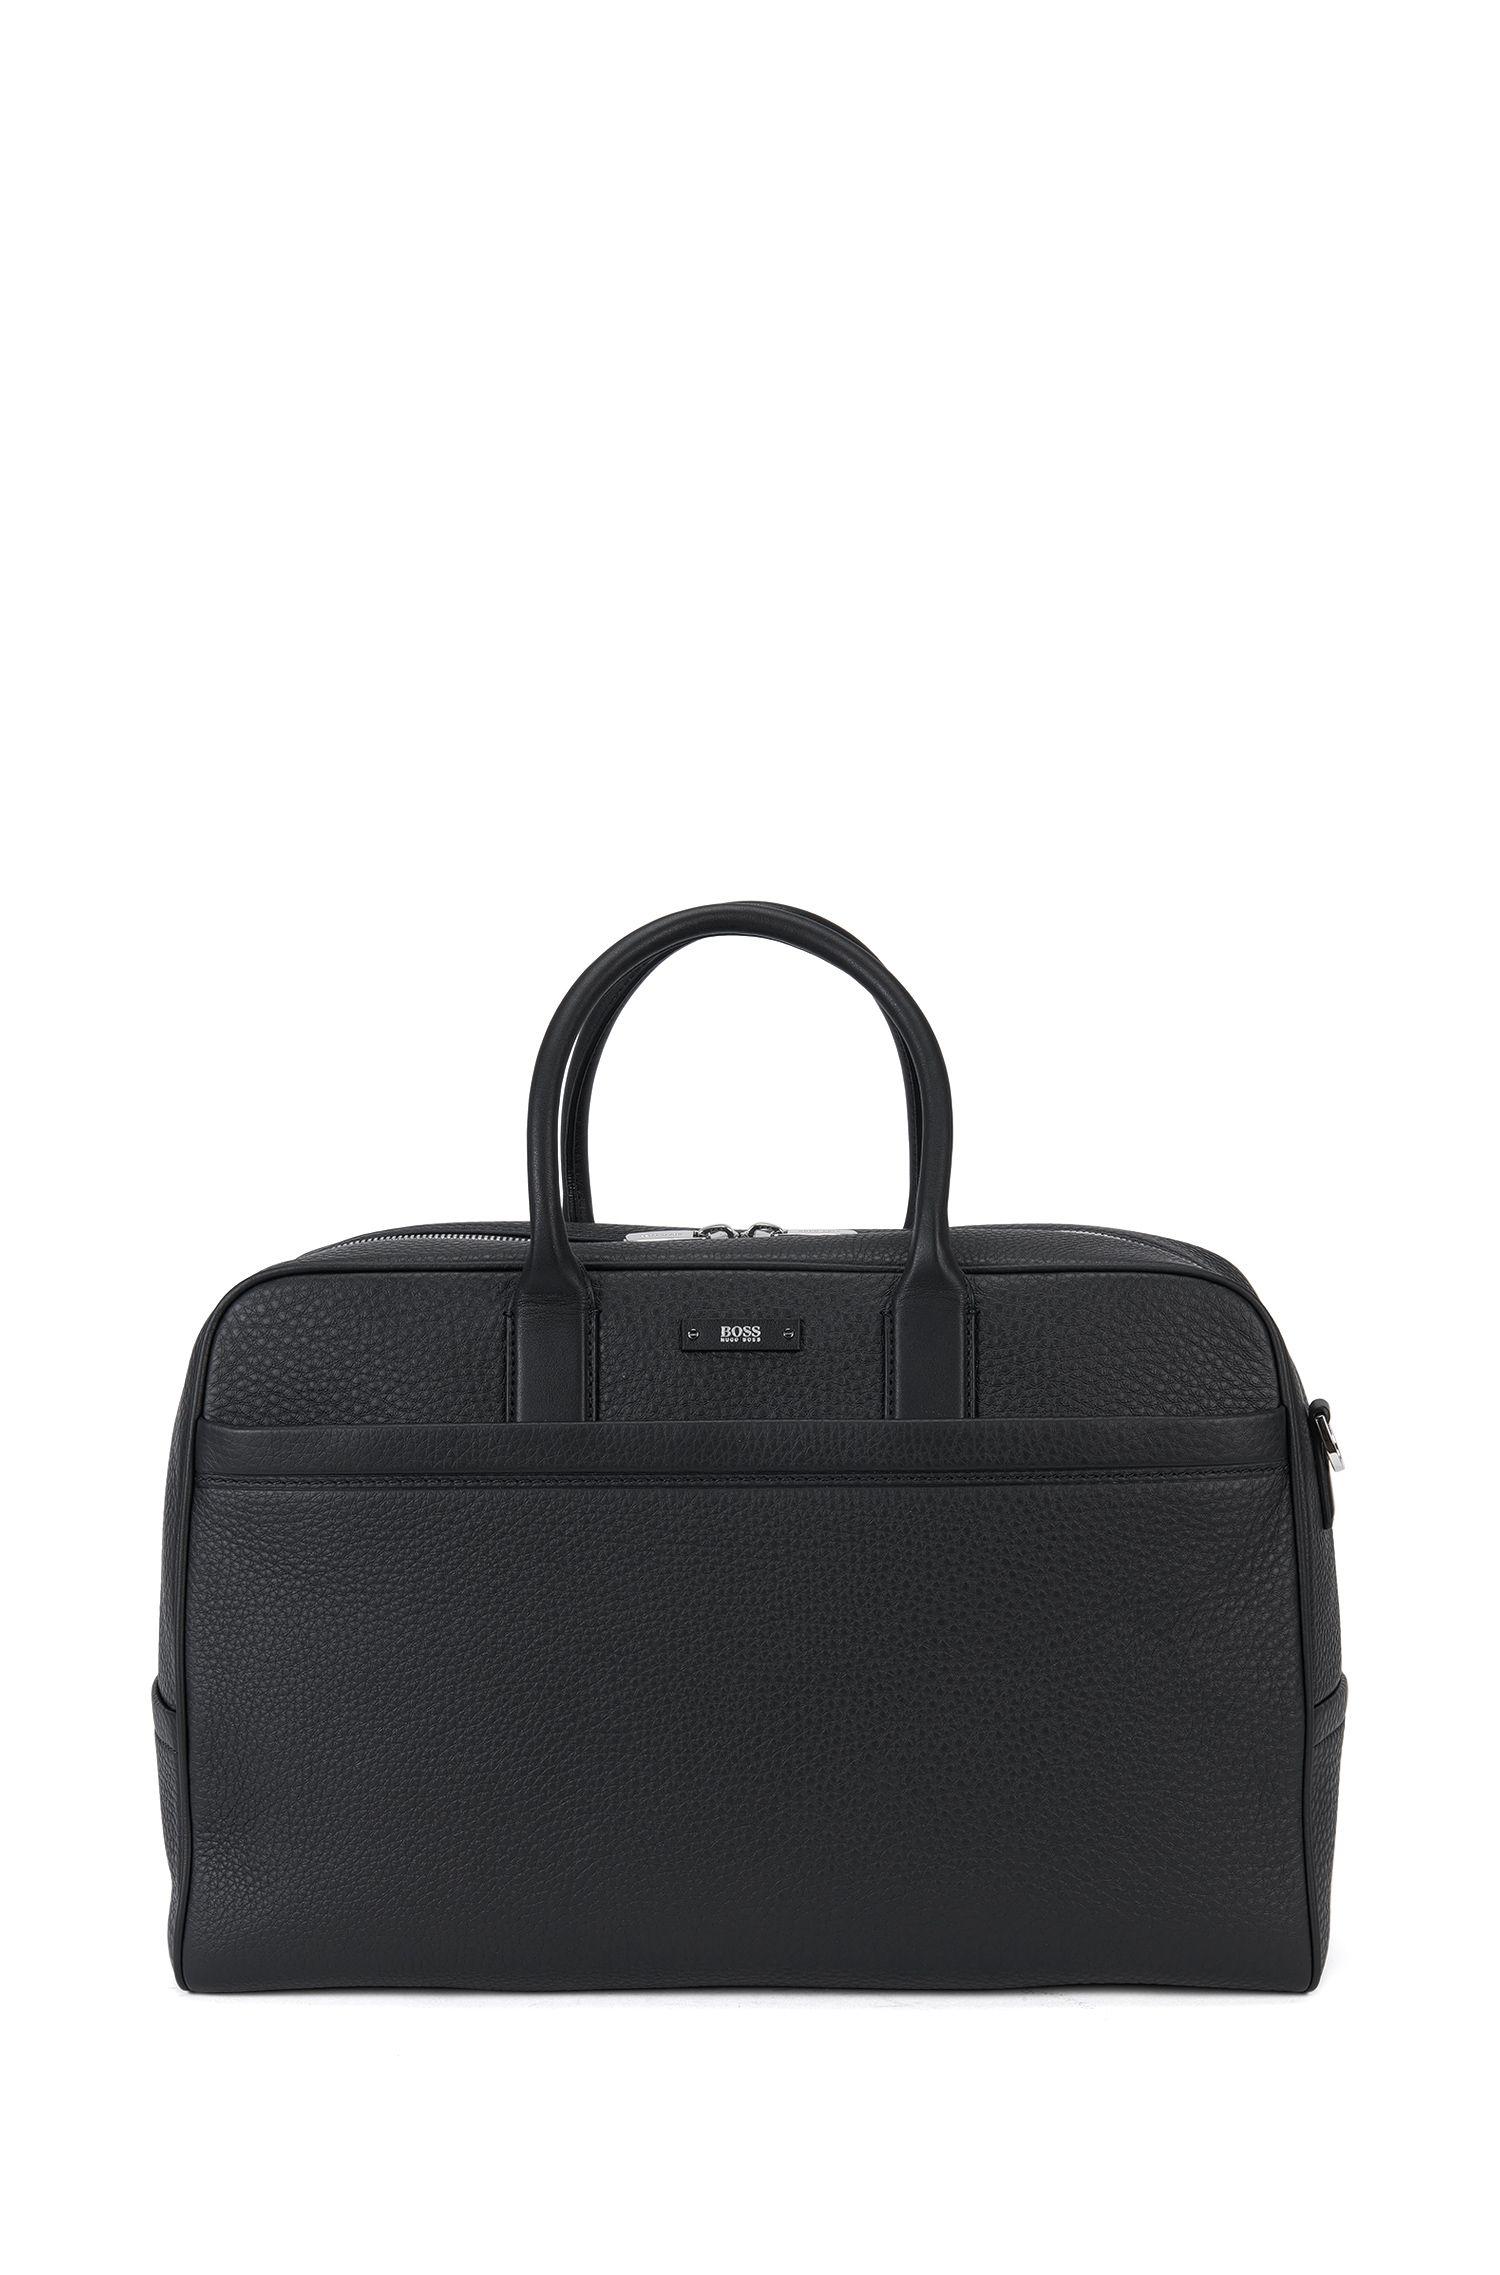 'Traveller Holdall' | Leather Weekender Bag, Detachable Shoulder Strap